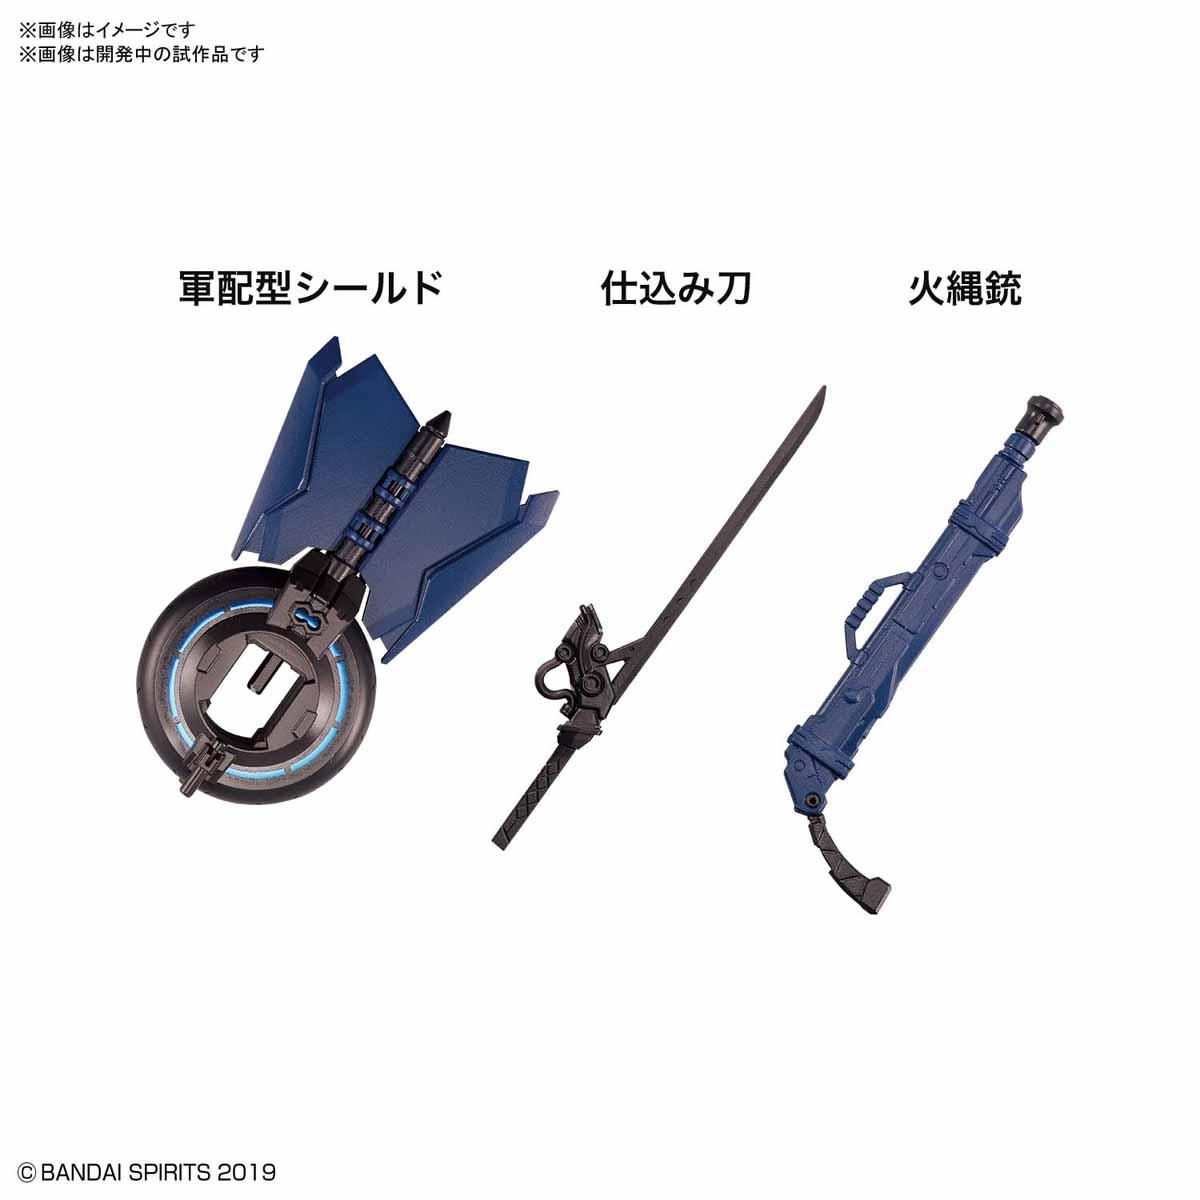 HG『蒼流丸』プラモデル-005